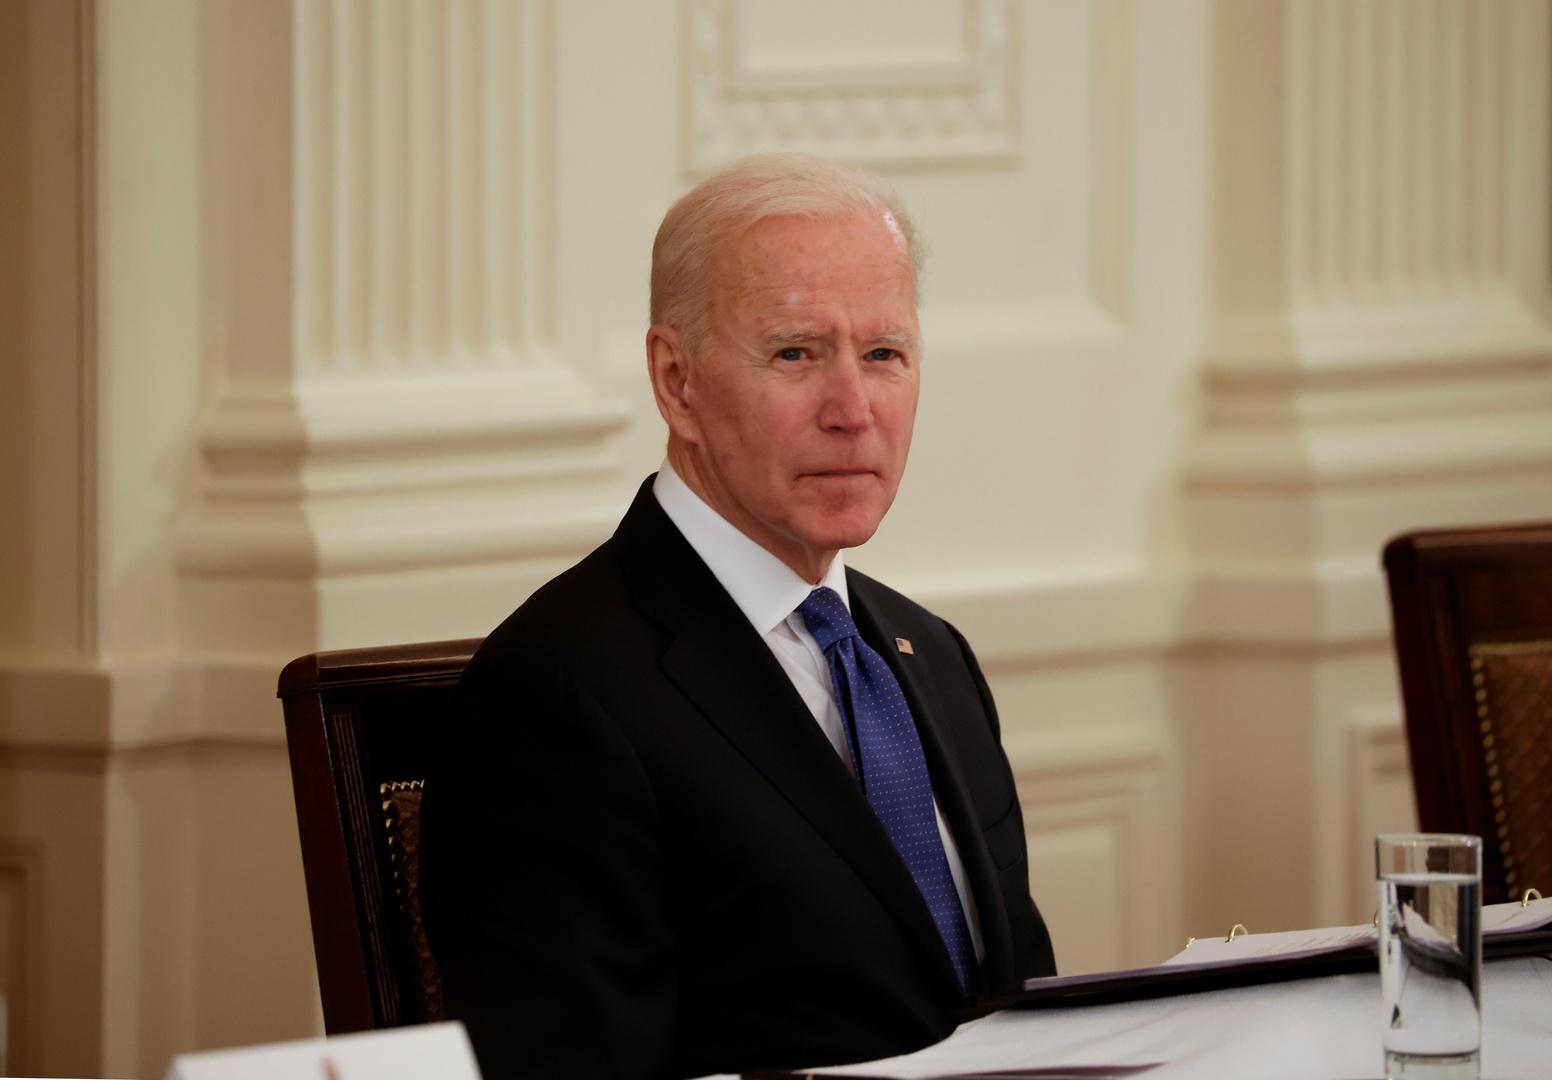 الكرملين يؤكد حصوله على دعوة بايدن لبوتين للمشاركة في قمة المناخ